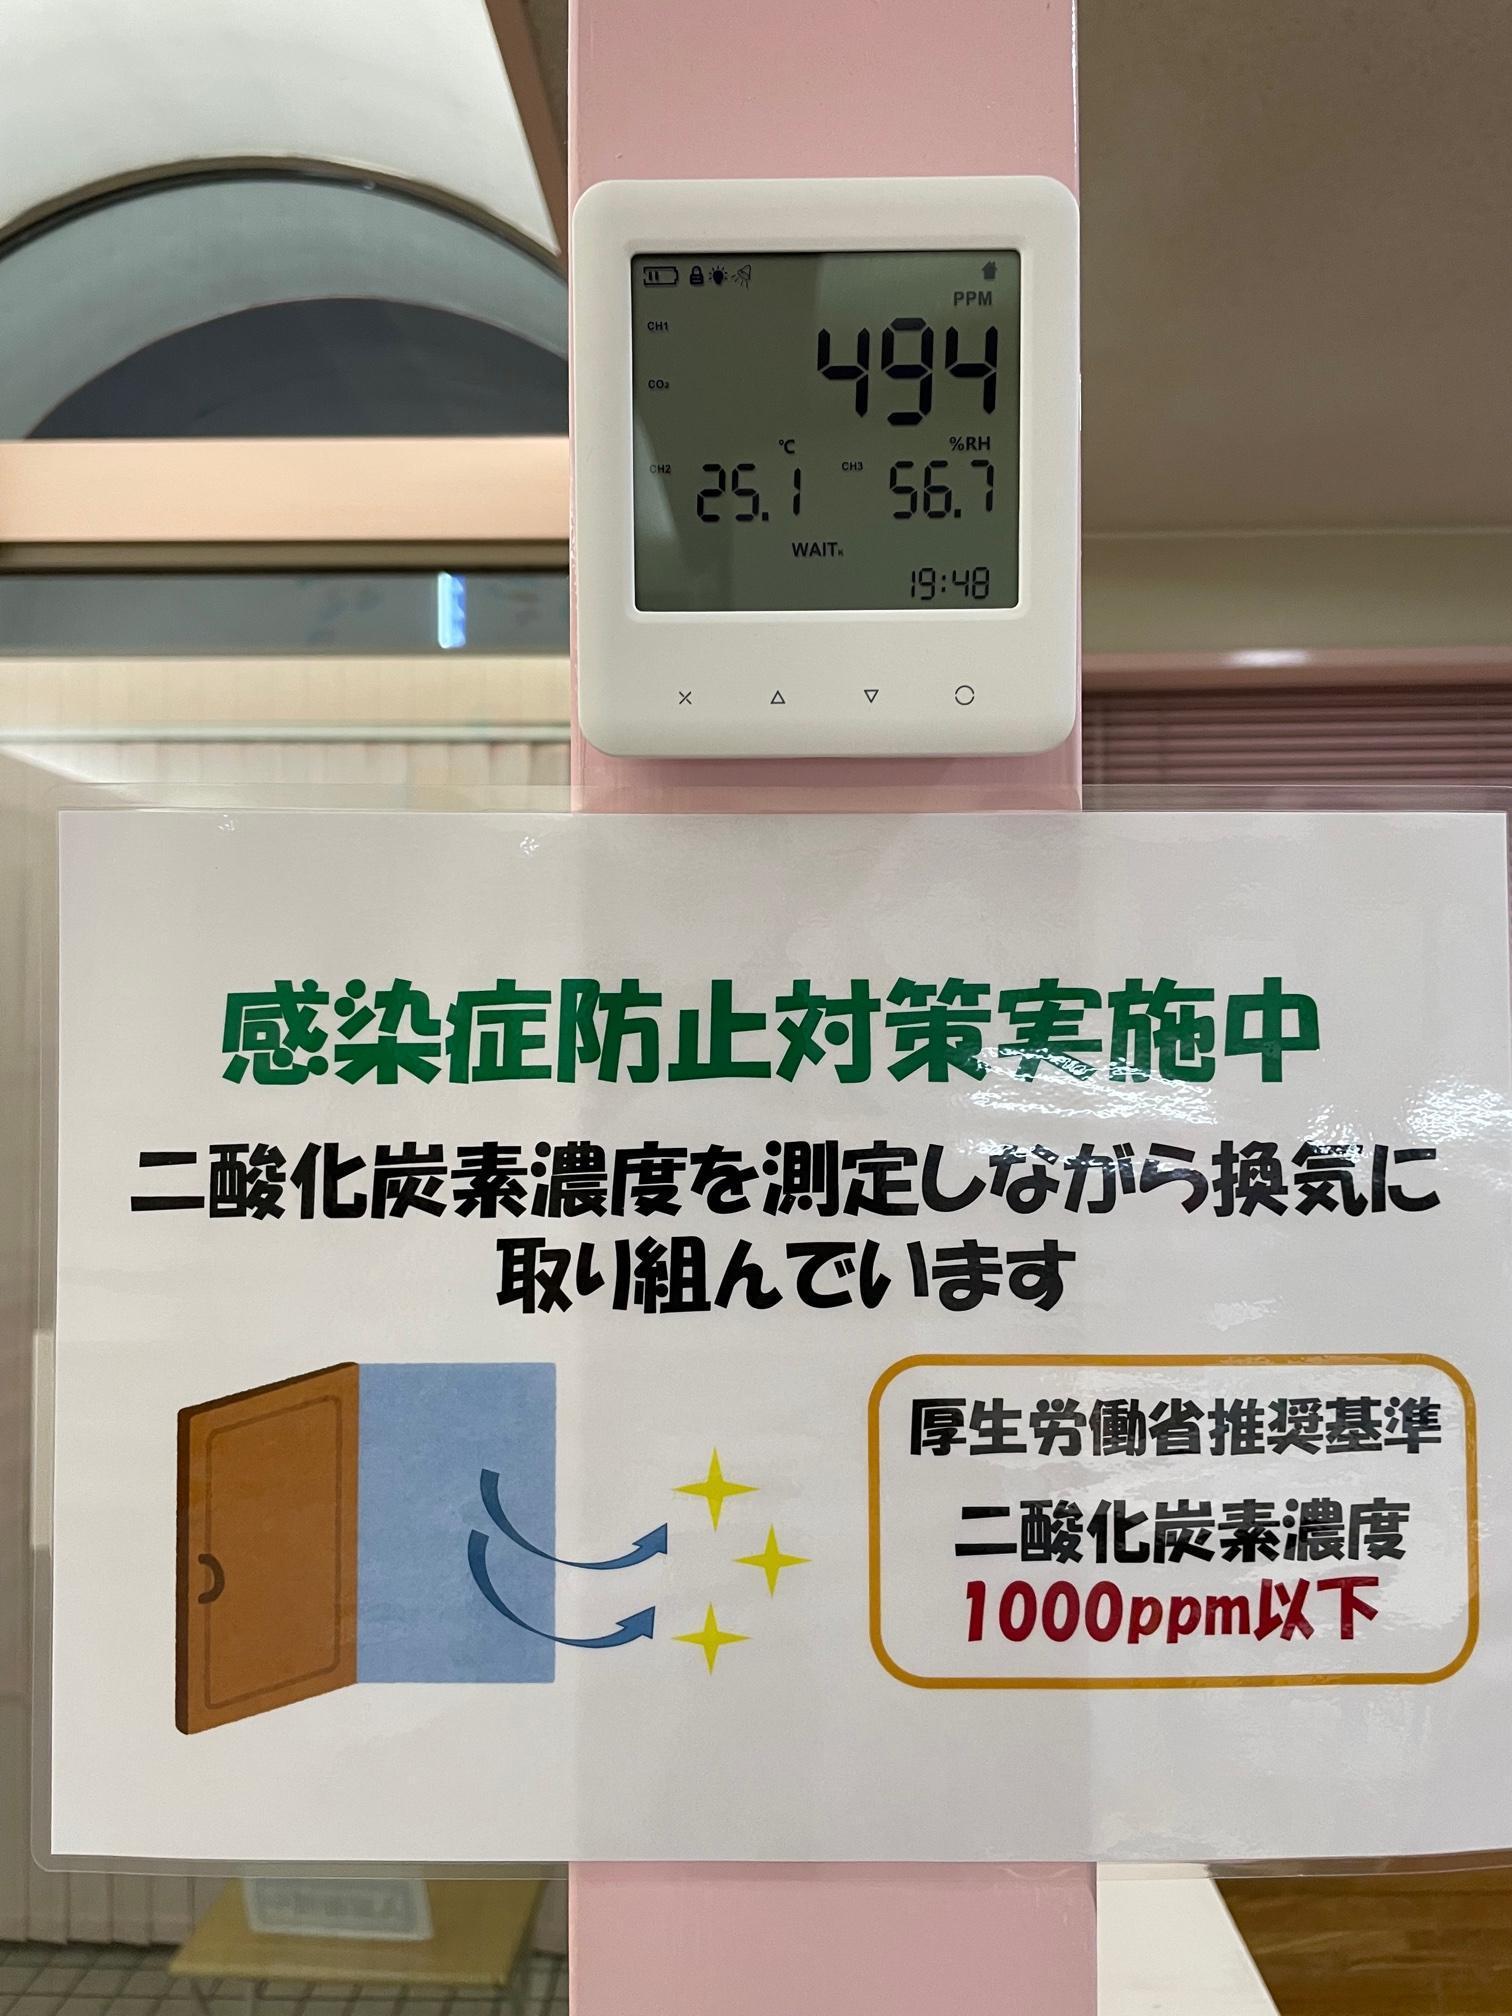 二酸化炭素濃度の測定